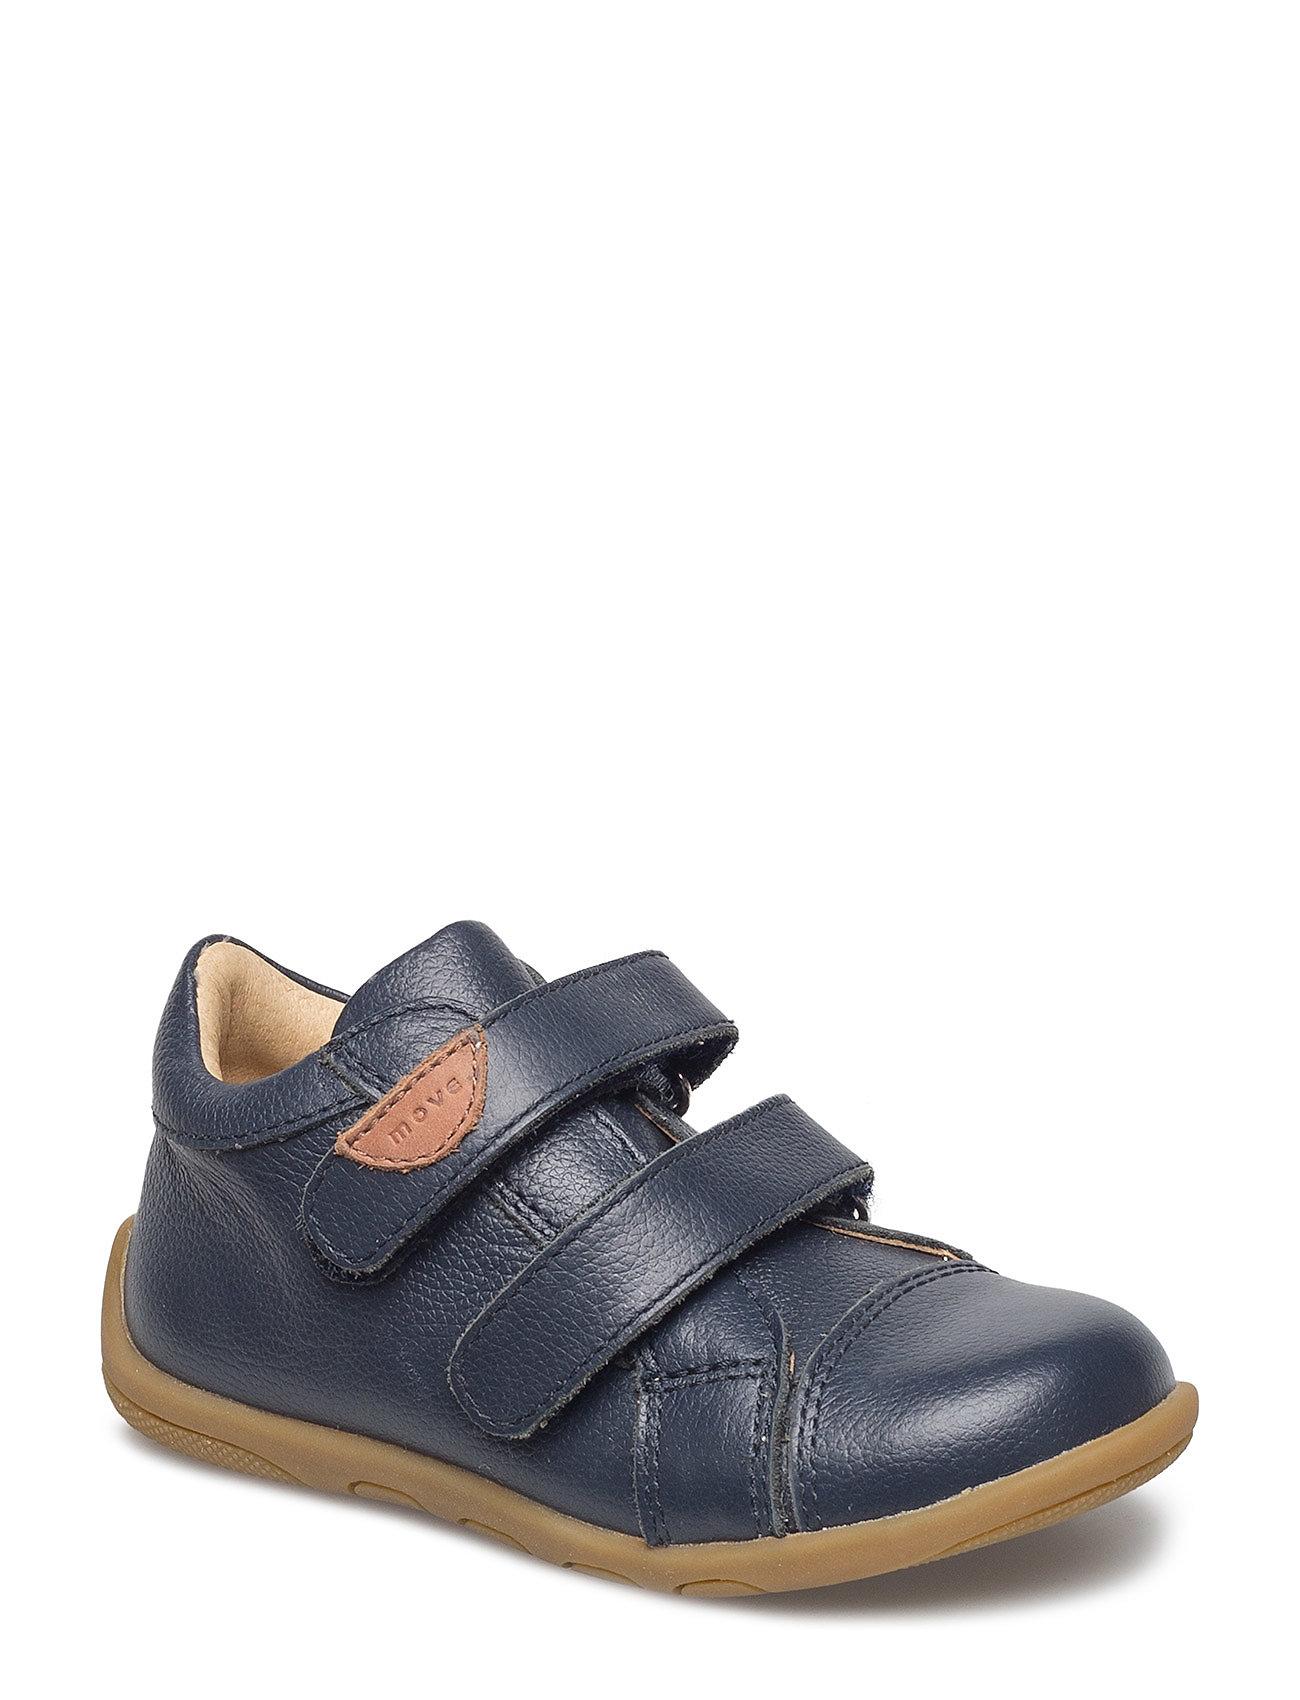 Move by Melton Infant unisex velcro shoe - 281 NAVY